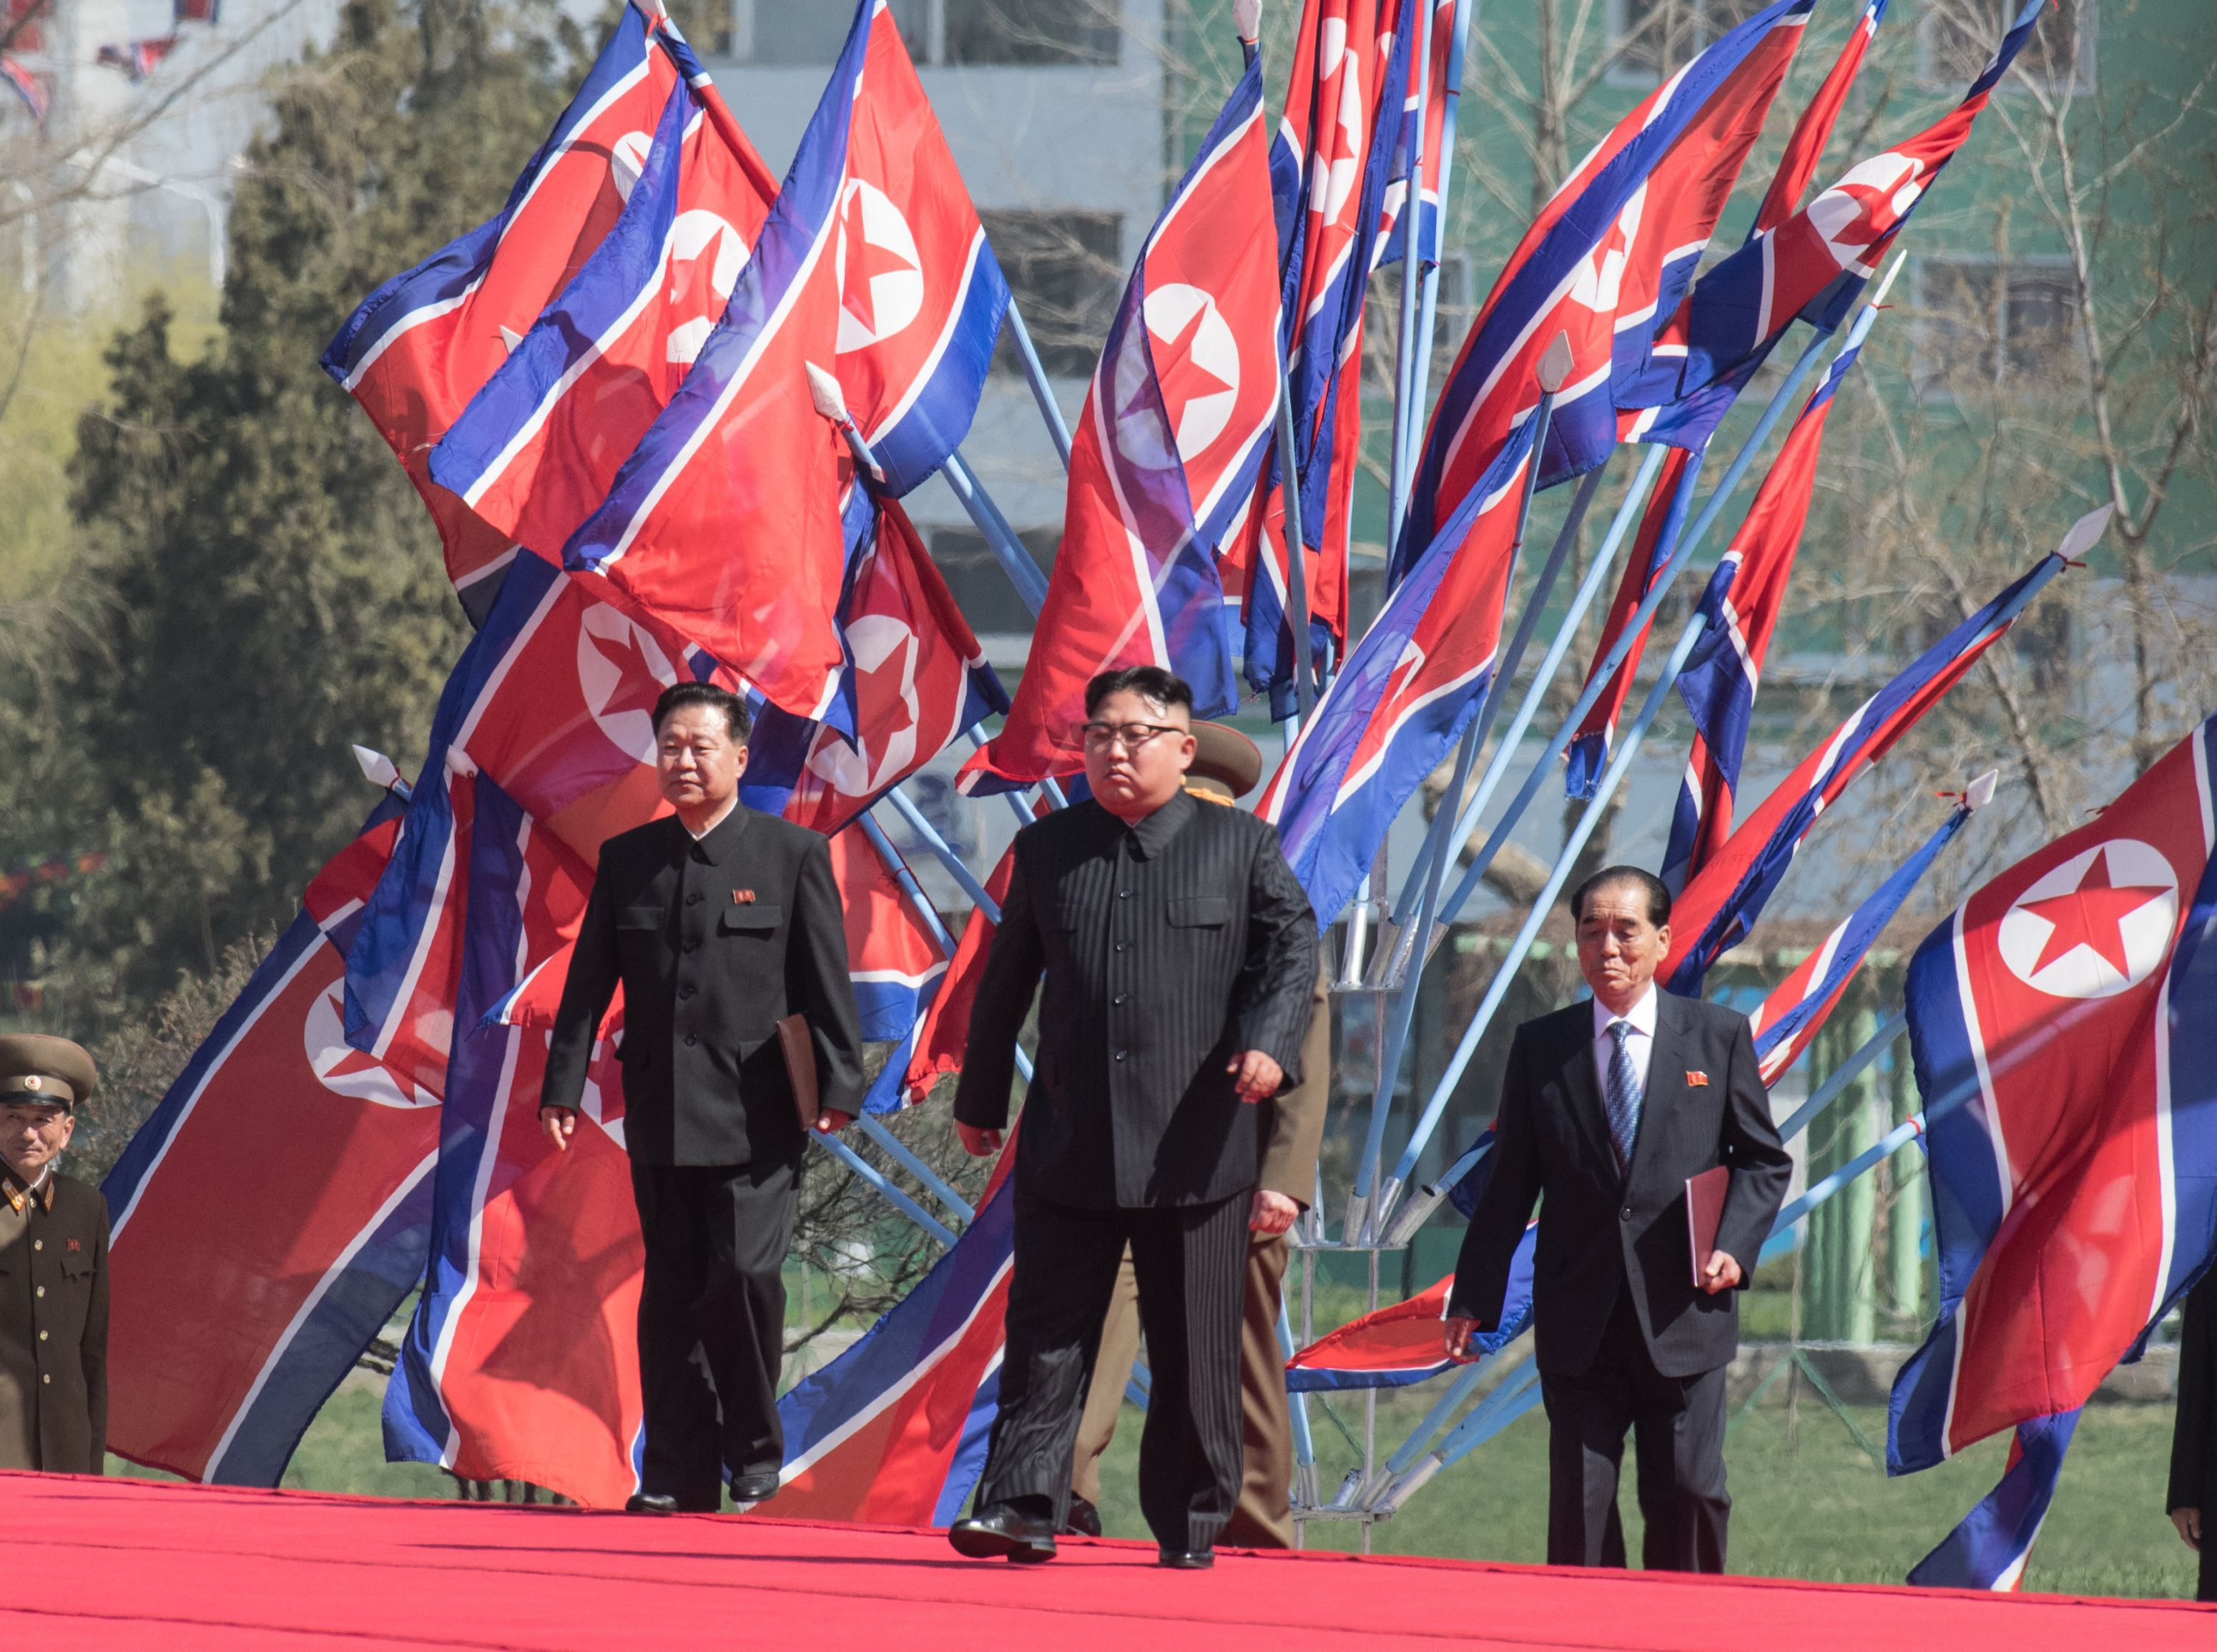 Coreea de Sud propune Phenianului discuţii la nivel înalt pe tema Jocurilor Olimpice. Kim Jong-un anunţă că cele două state ar trebui `să se întâlnească urgent`